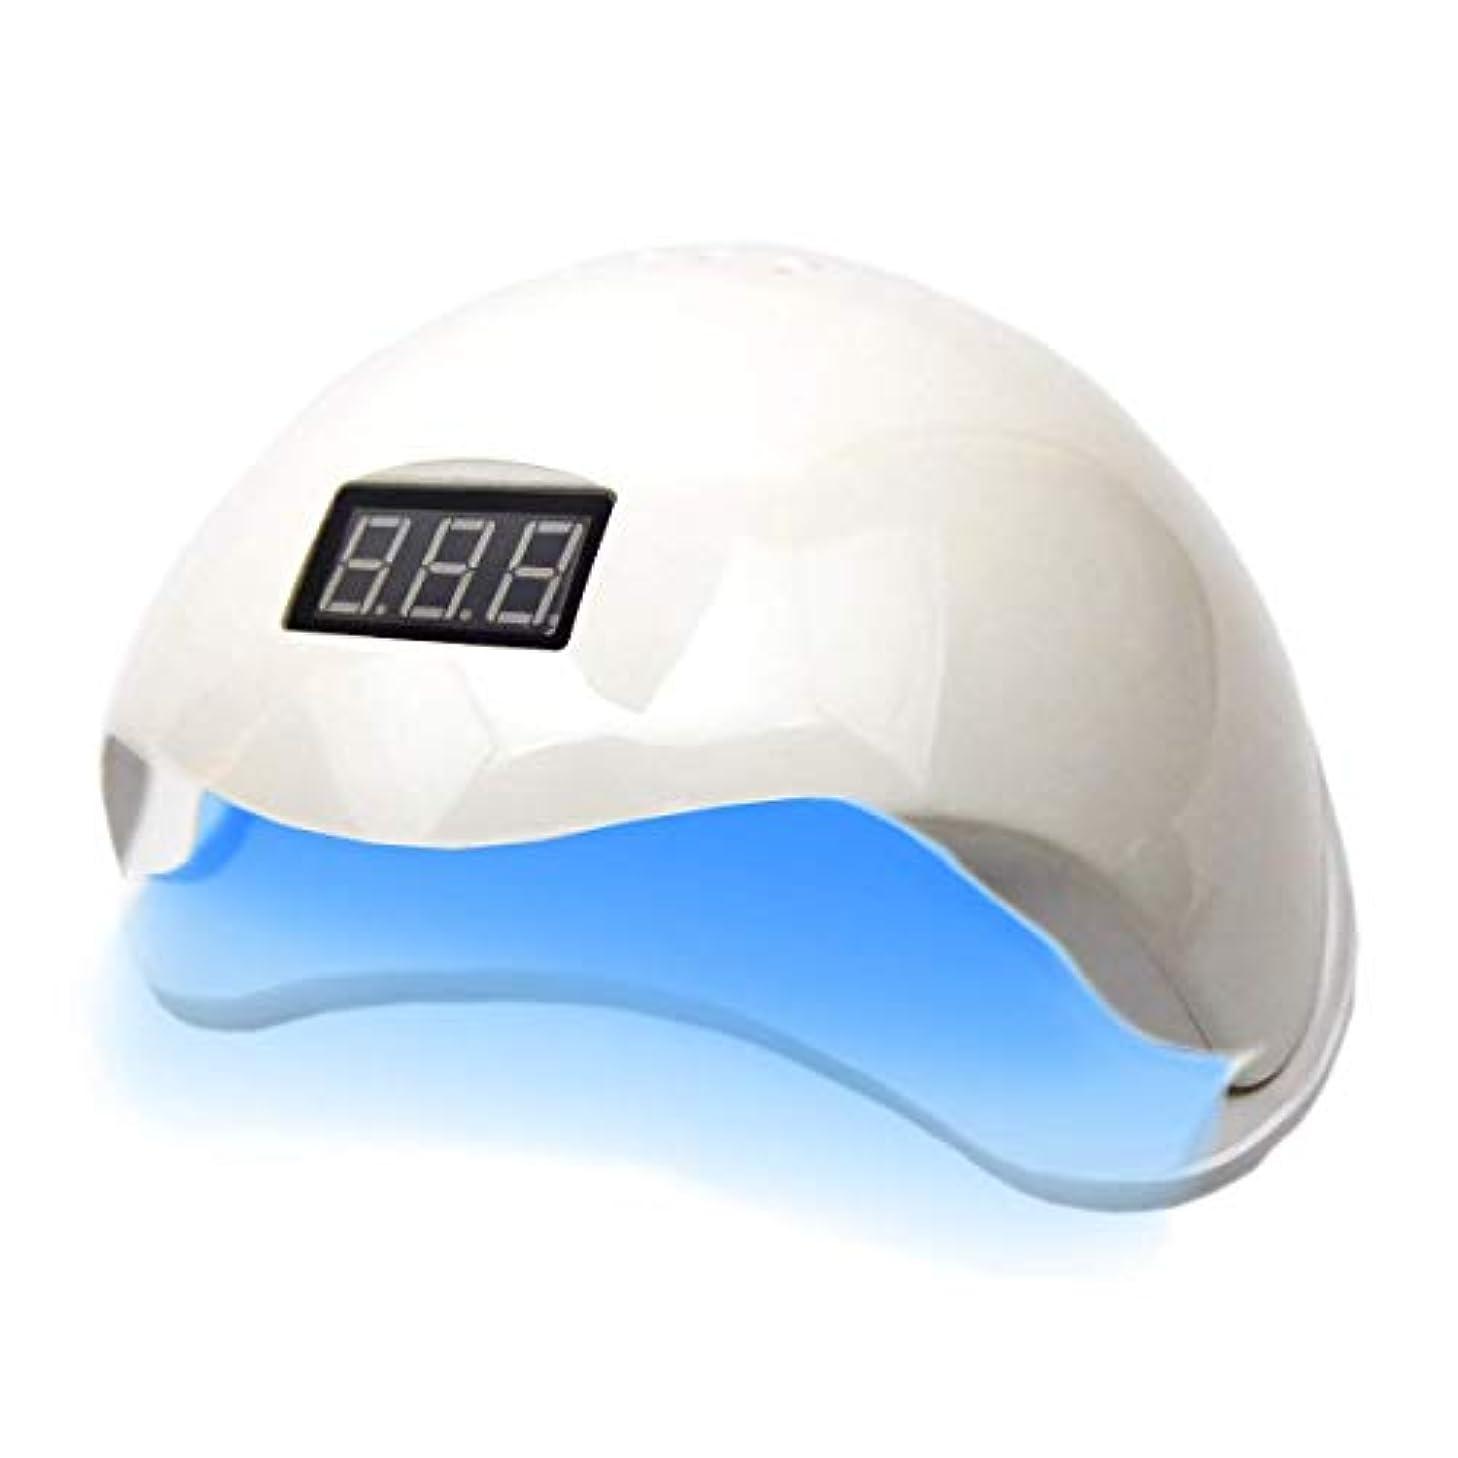 決してトレード蒸気LED UV ネイルライト 48W 低ヒート機能 自動感知センサー ジェルネイル レジン用